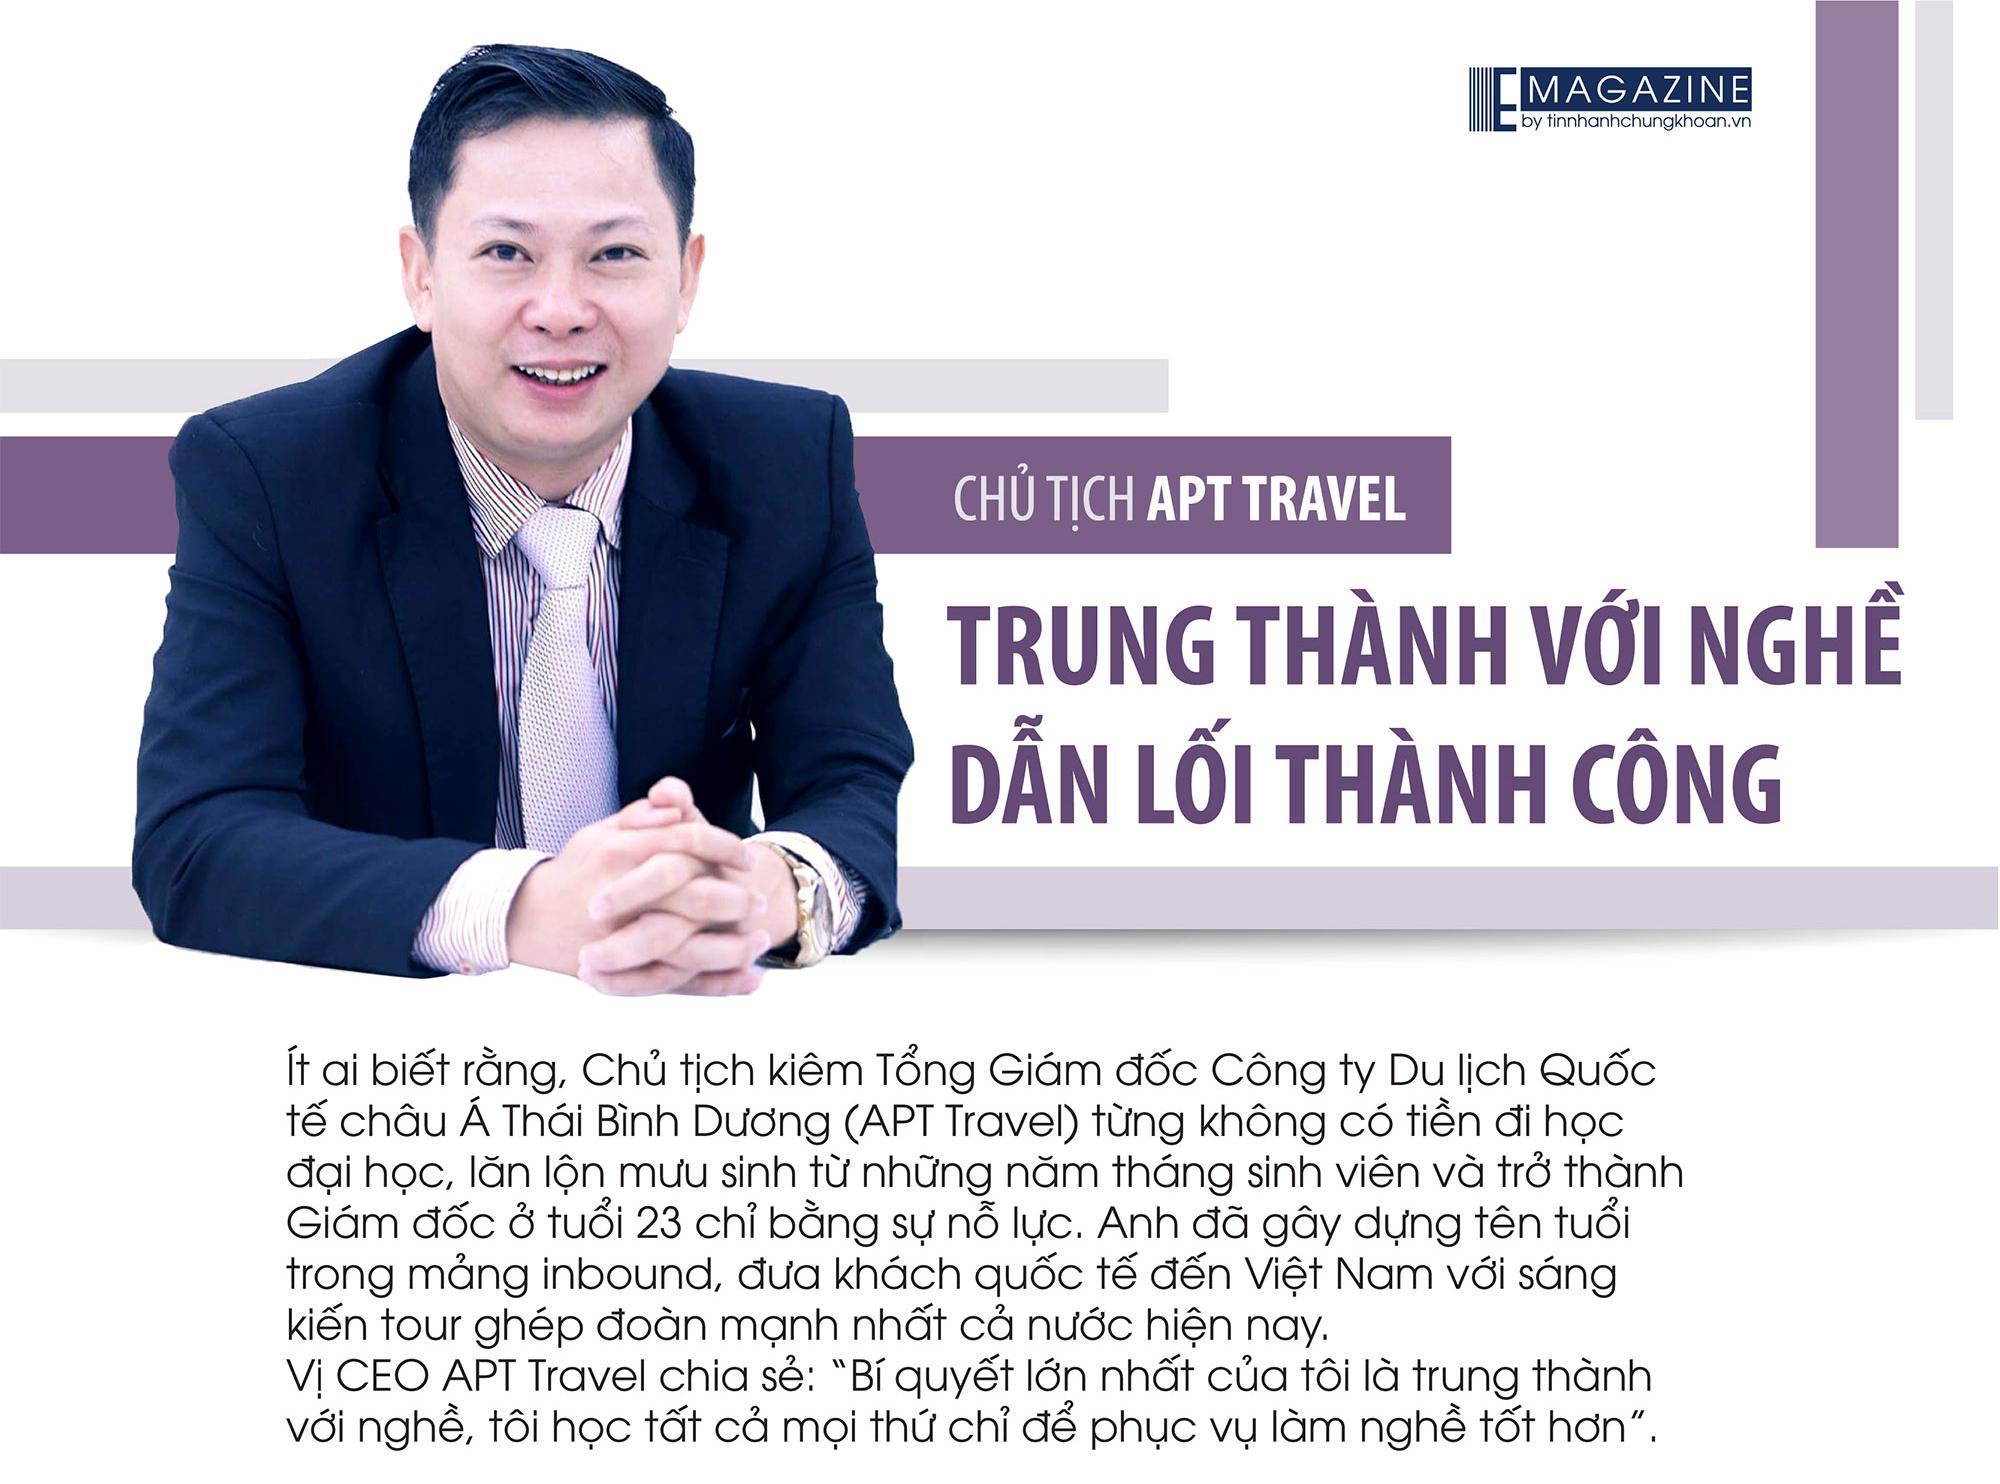 Chủ tịch APT Travel: Trung thành với nghề dẫn lối thành công